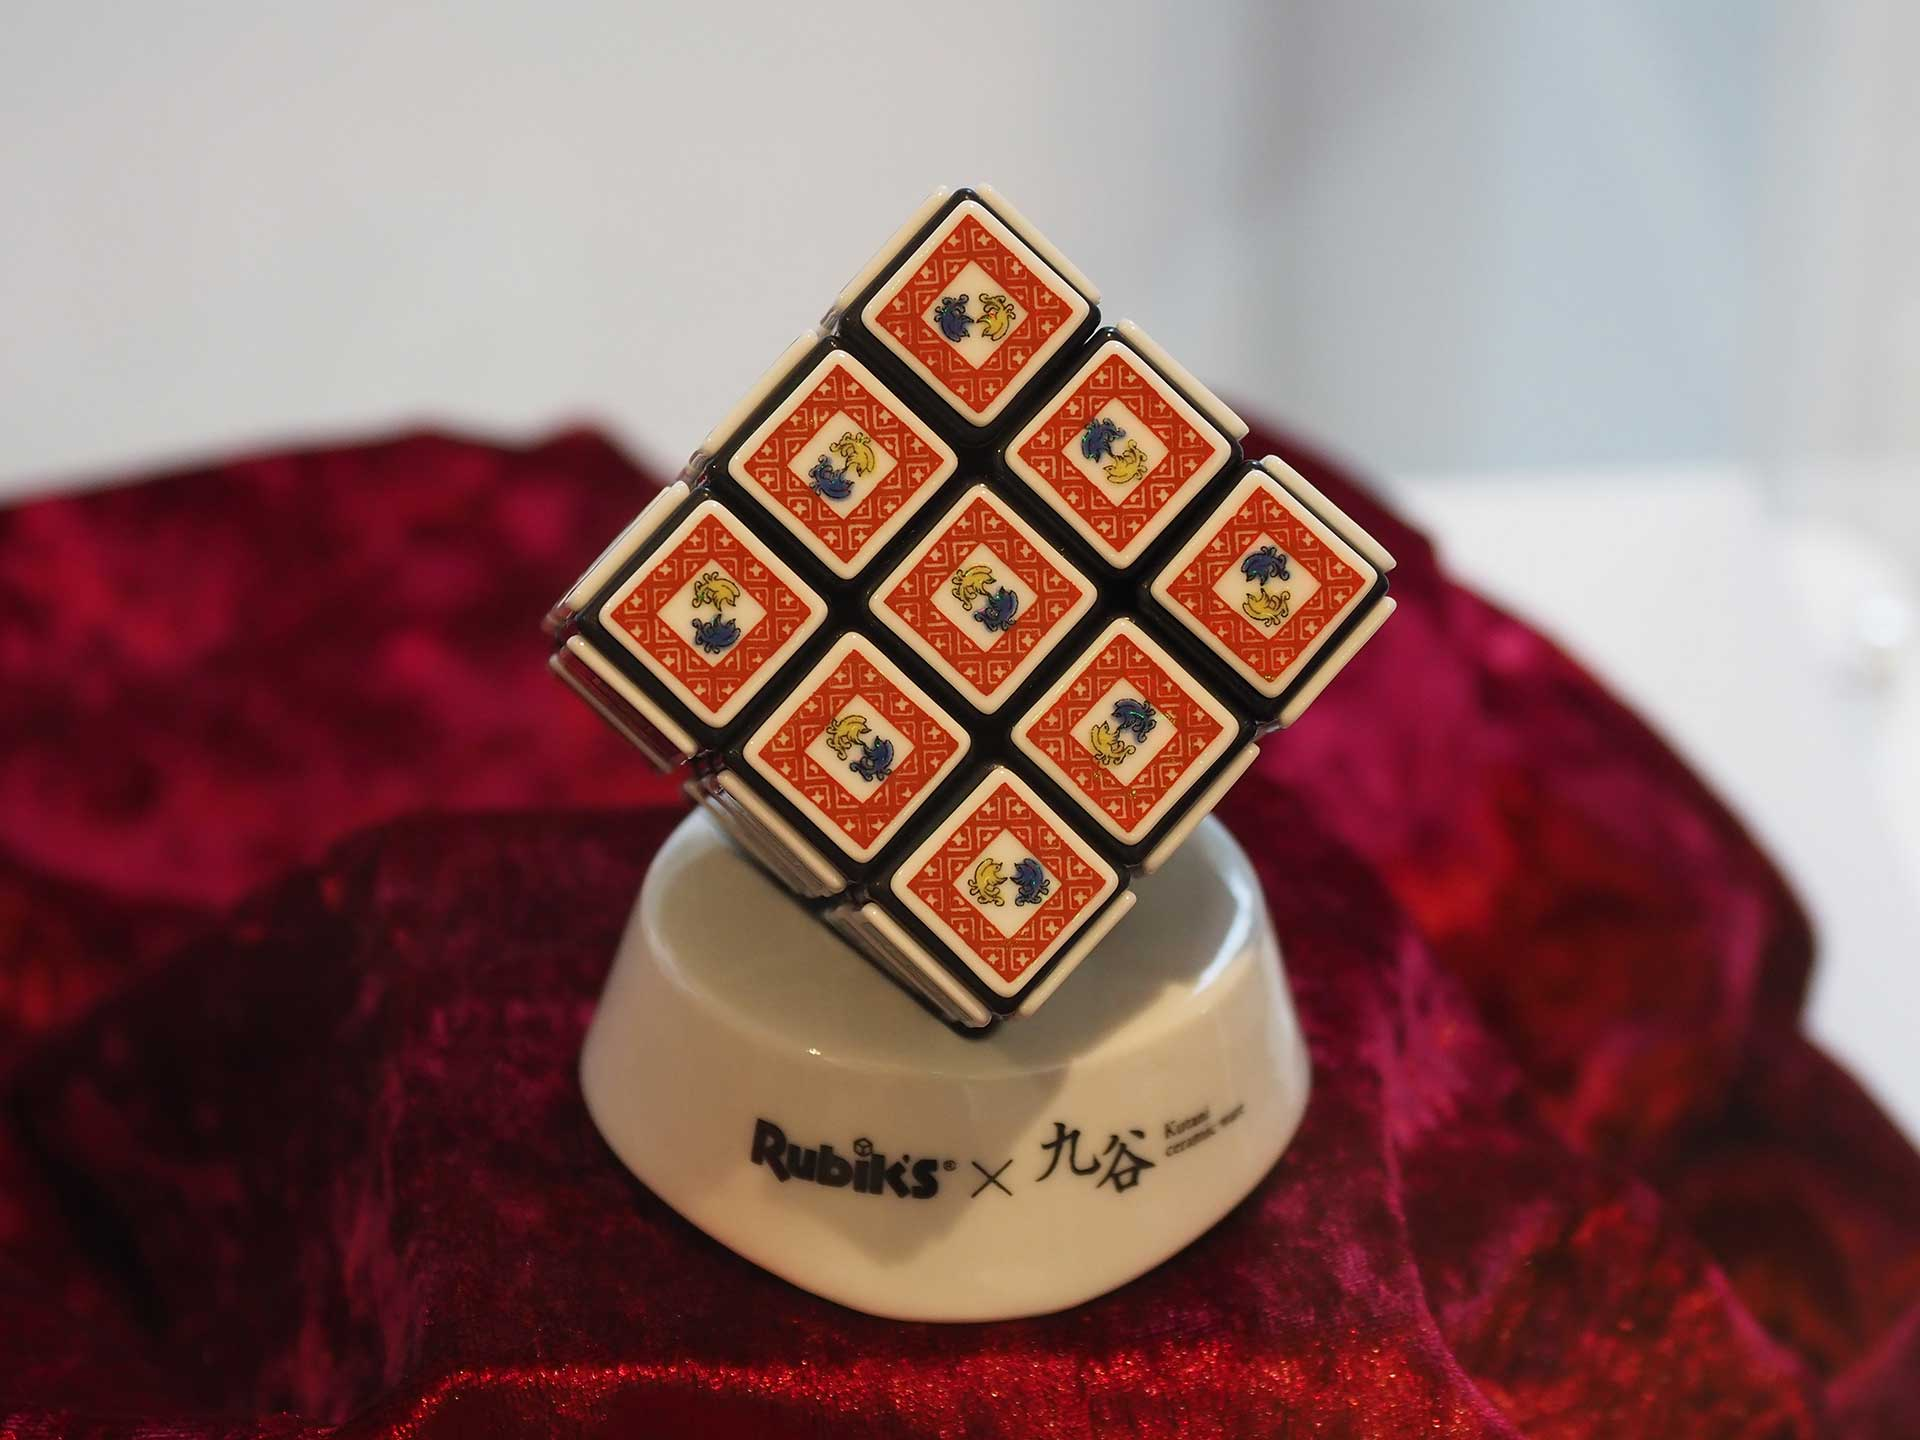 「ルービックキューブ40周年展」9月24日よりハンガリー文化センターで開催! 日本の技術の結晶「極小ルービックキューブ -0.99cm精密金属製-」も発売